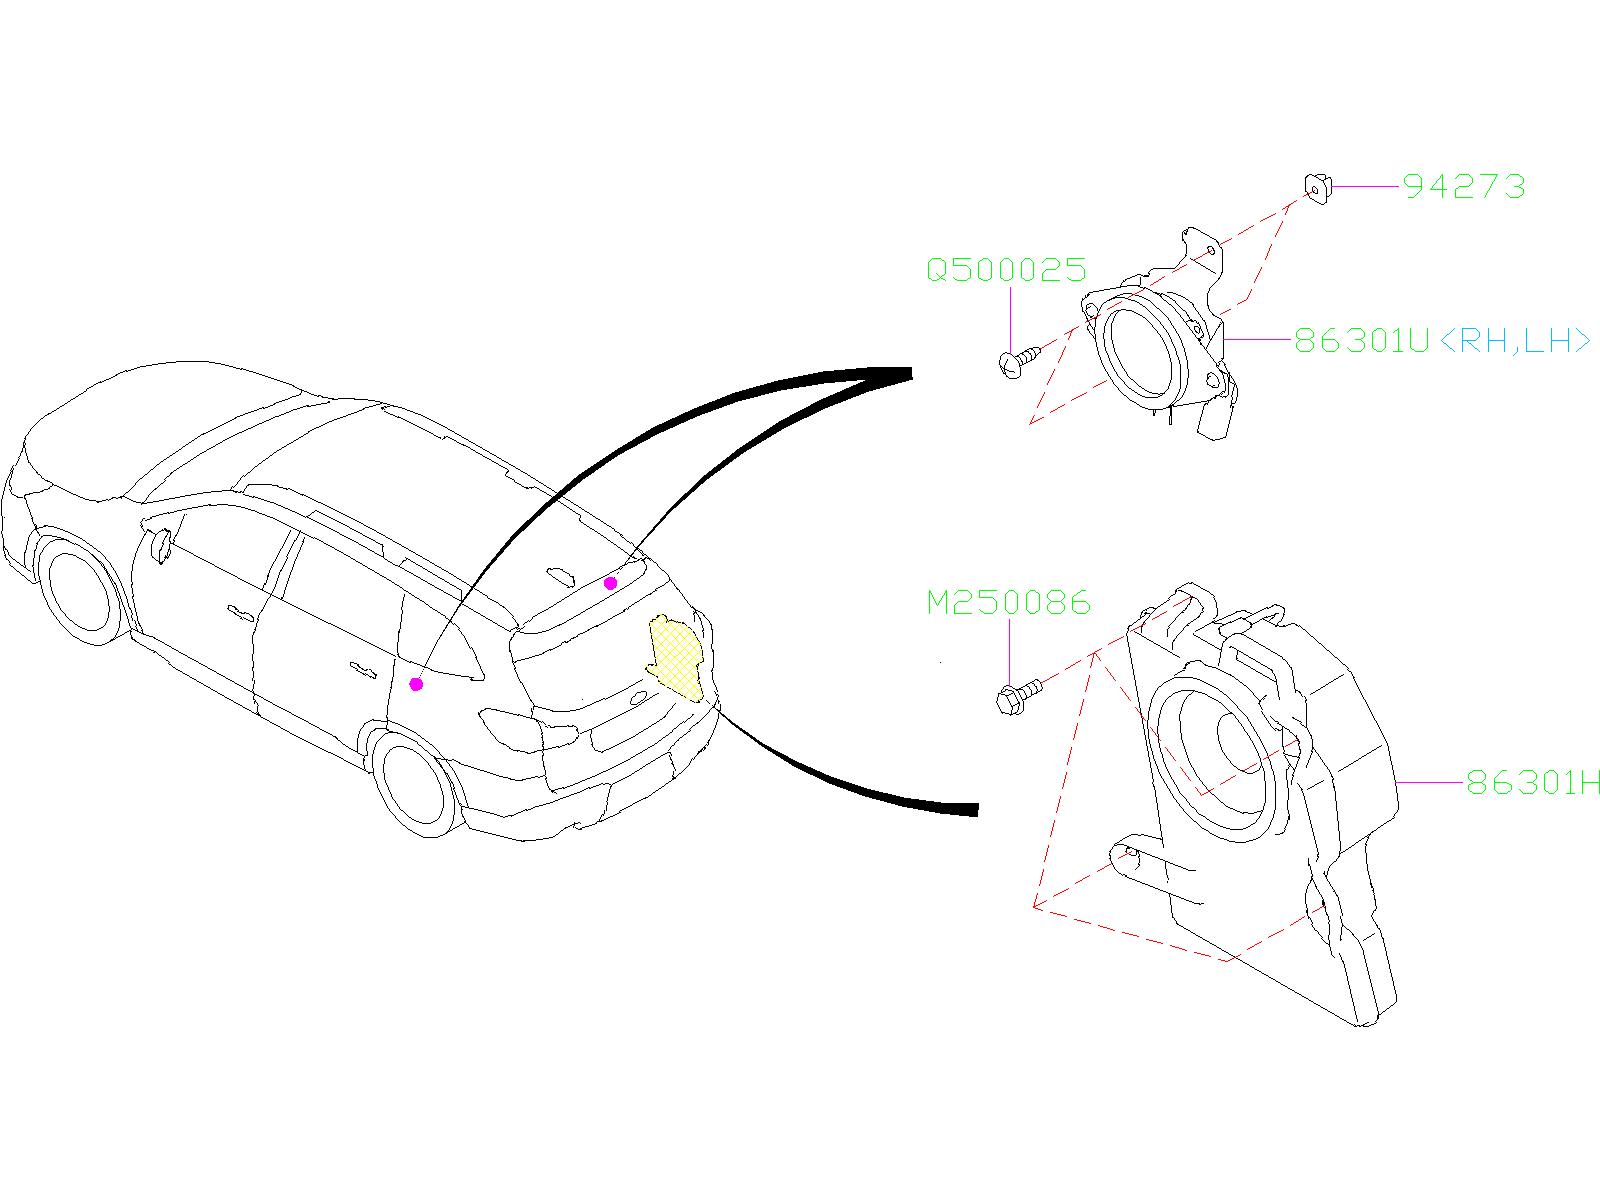 subaru ascent speaker assembly woofer harman electrical. Black Bedroom Furniture Sets. Home Design Ideas